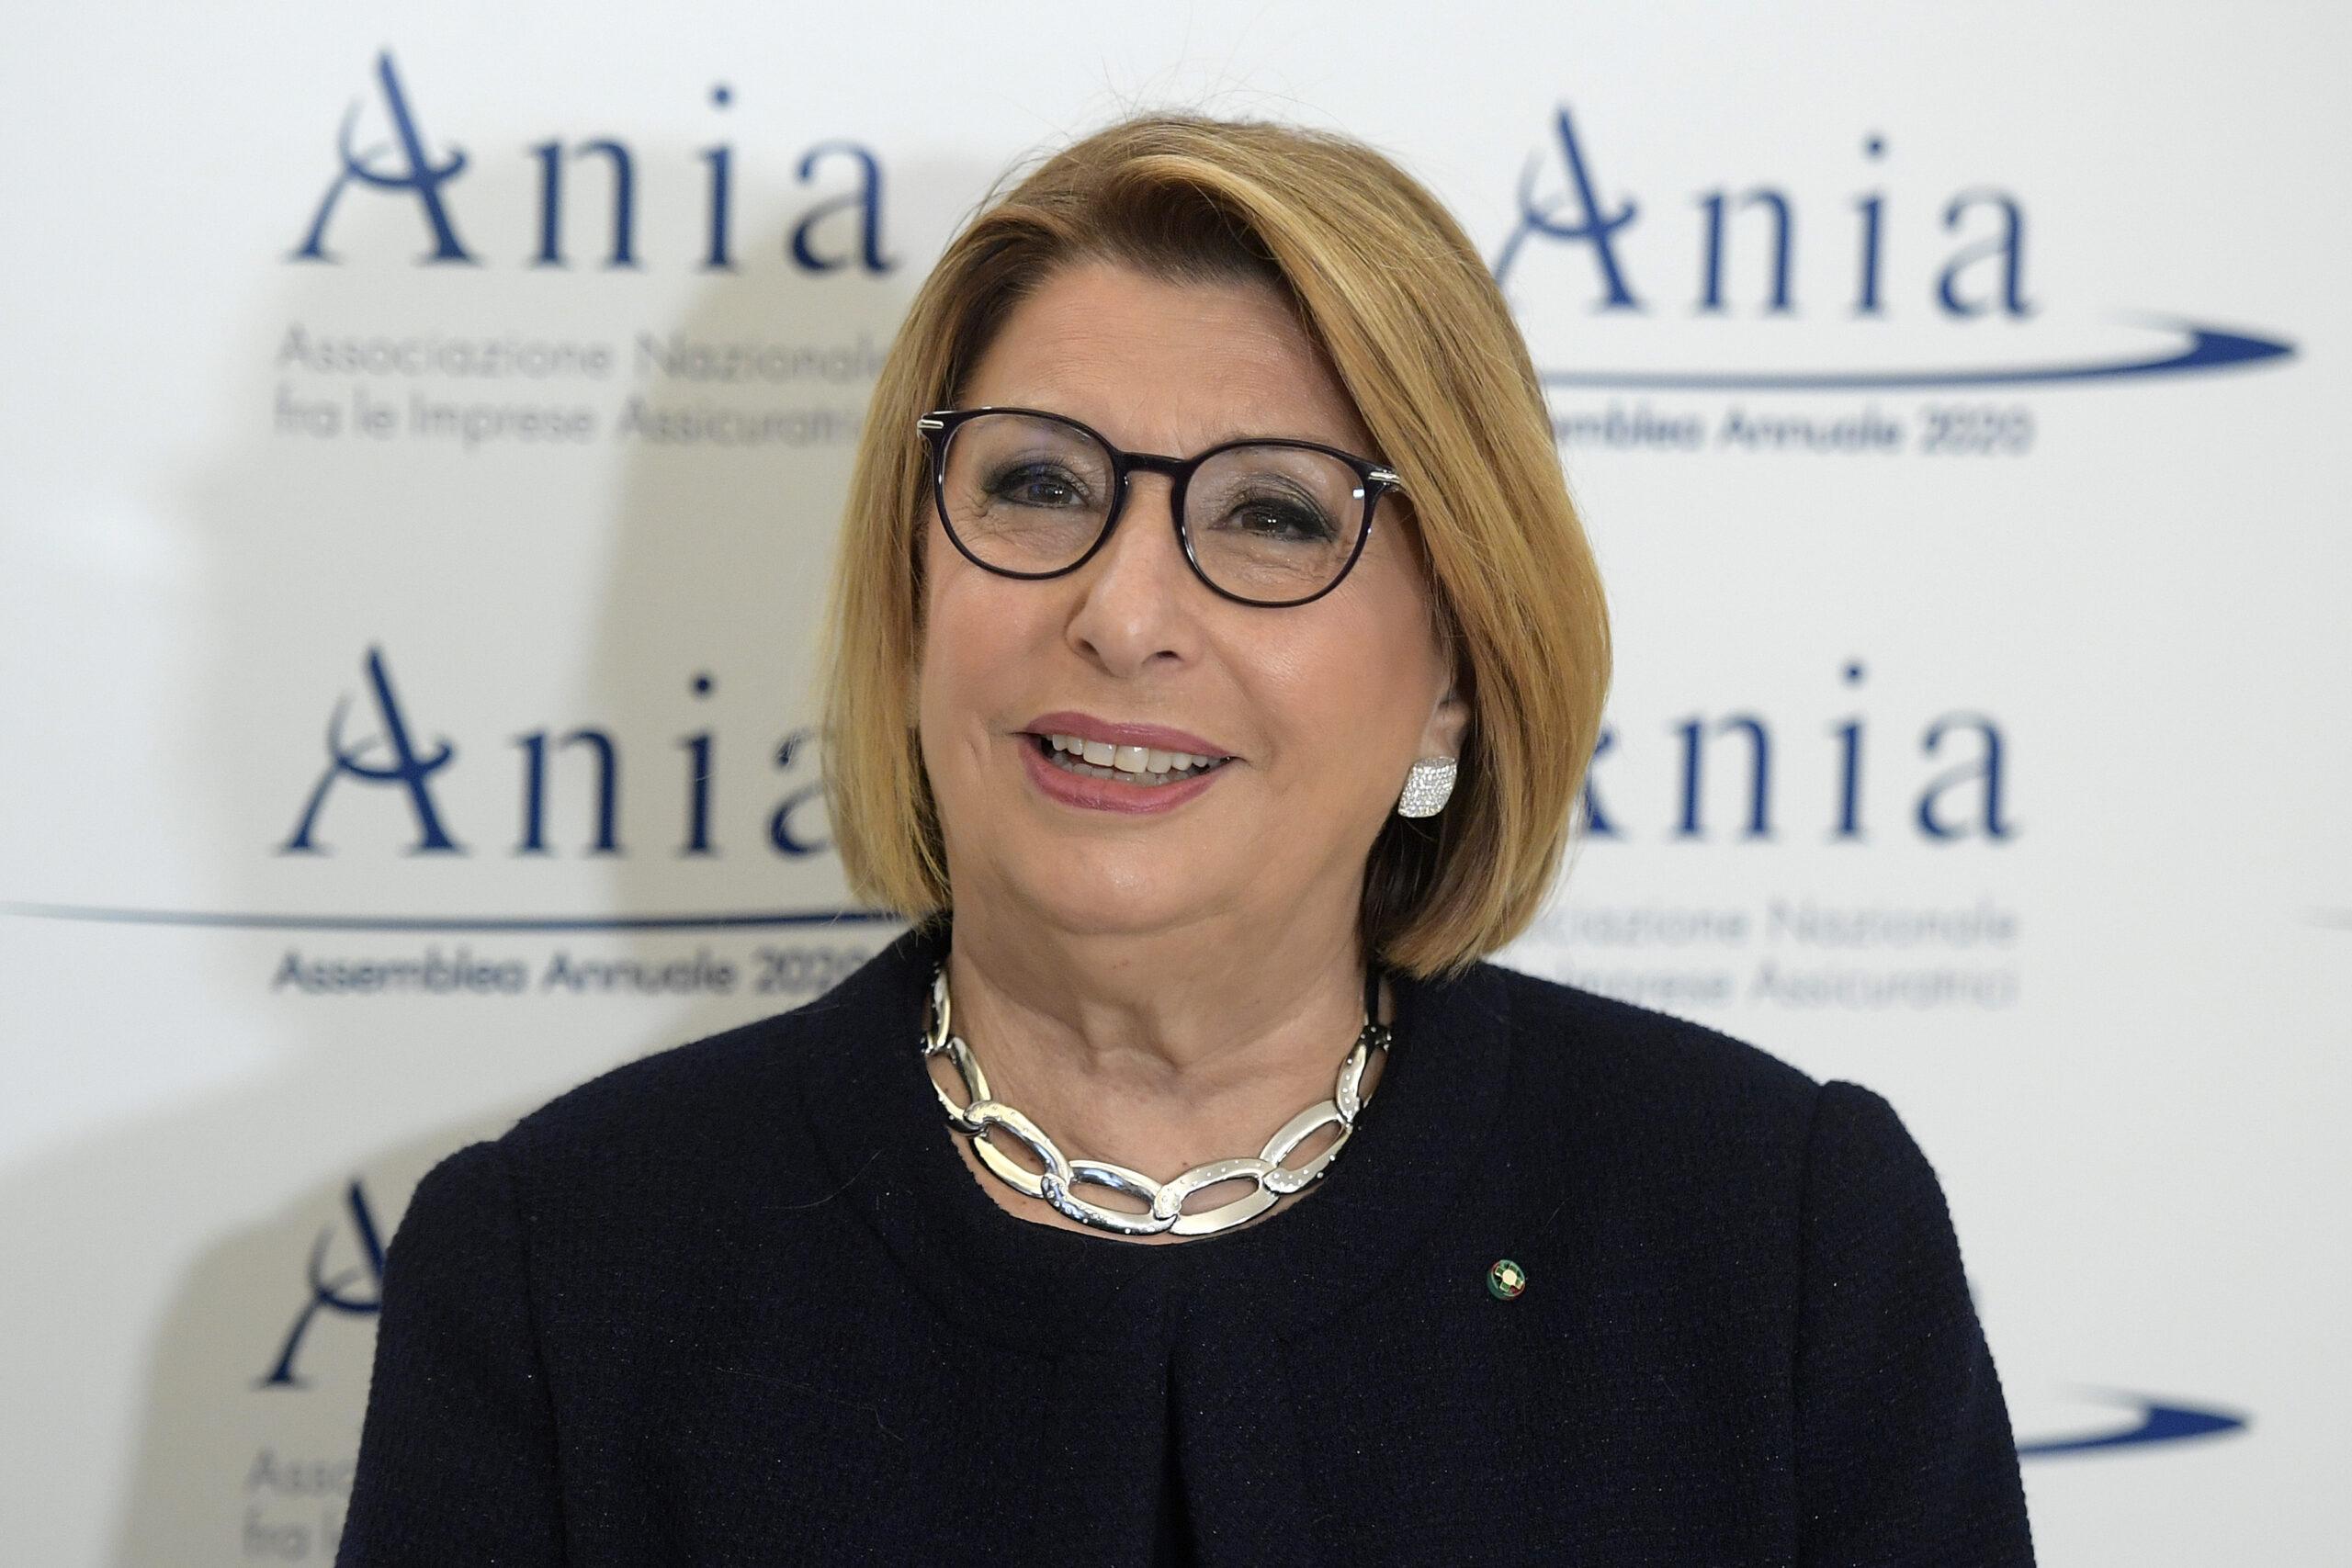 Maria Bianca Farina (Presidente Ania): «La nostra proposta prevede una partecipazione alle perdite equamente suddivisa tra i privati e lo Stato»